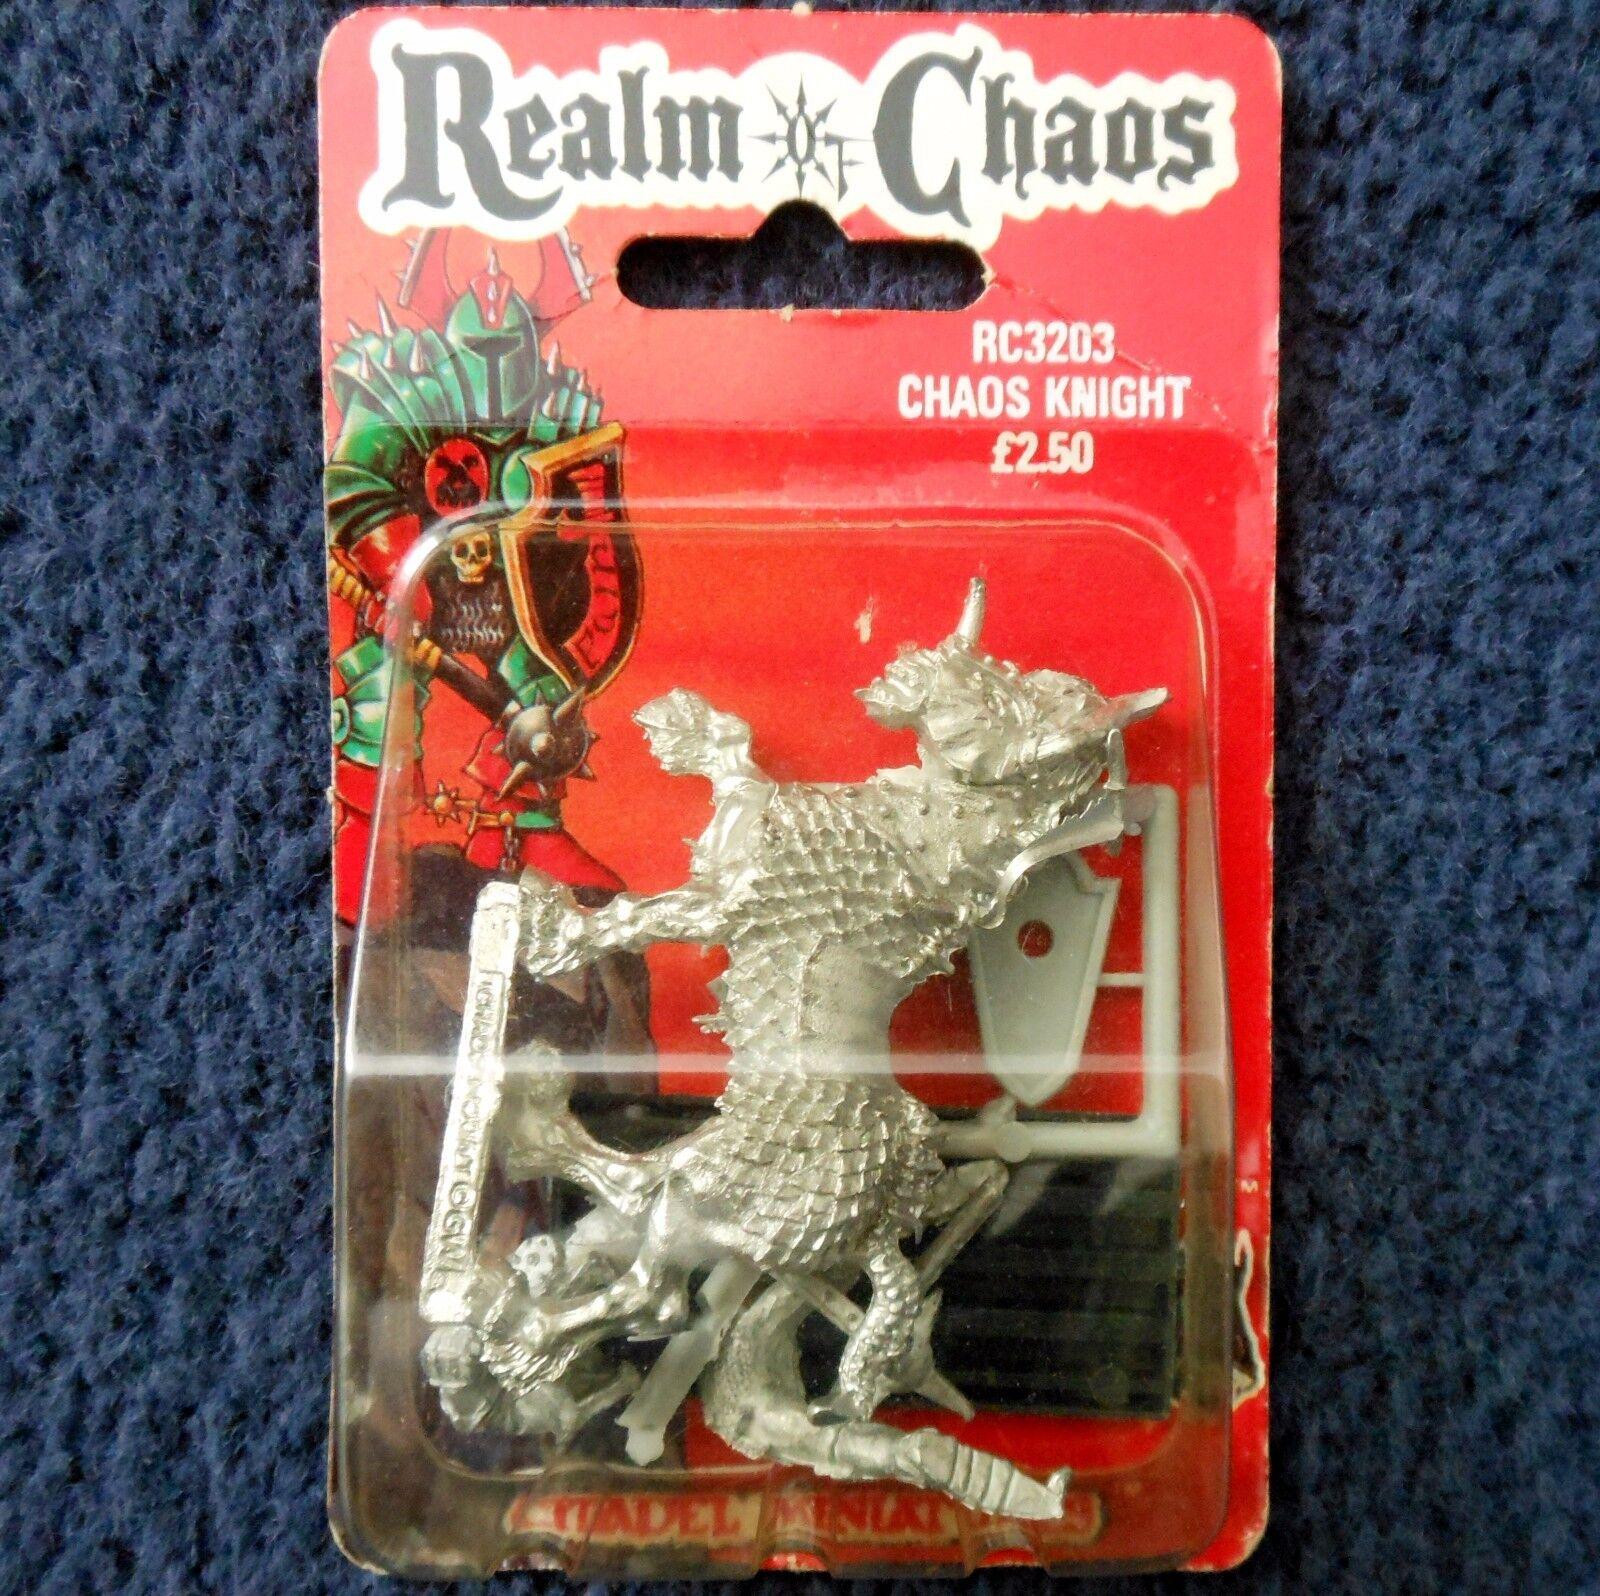 1988 Caos Caballero 3 Juegos taller Warhammer army Reino de Guerrero caballería MIB